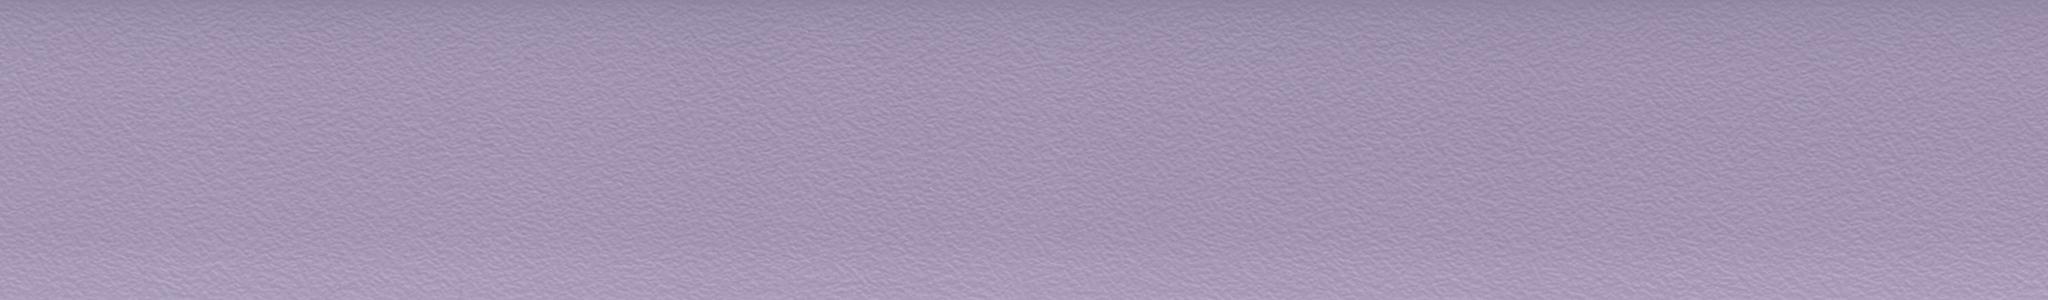 HU 15420 ABS hrana fialová lila perla XG